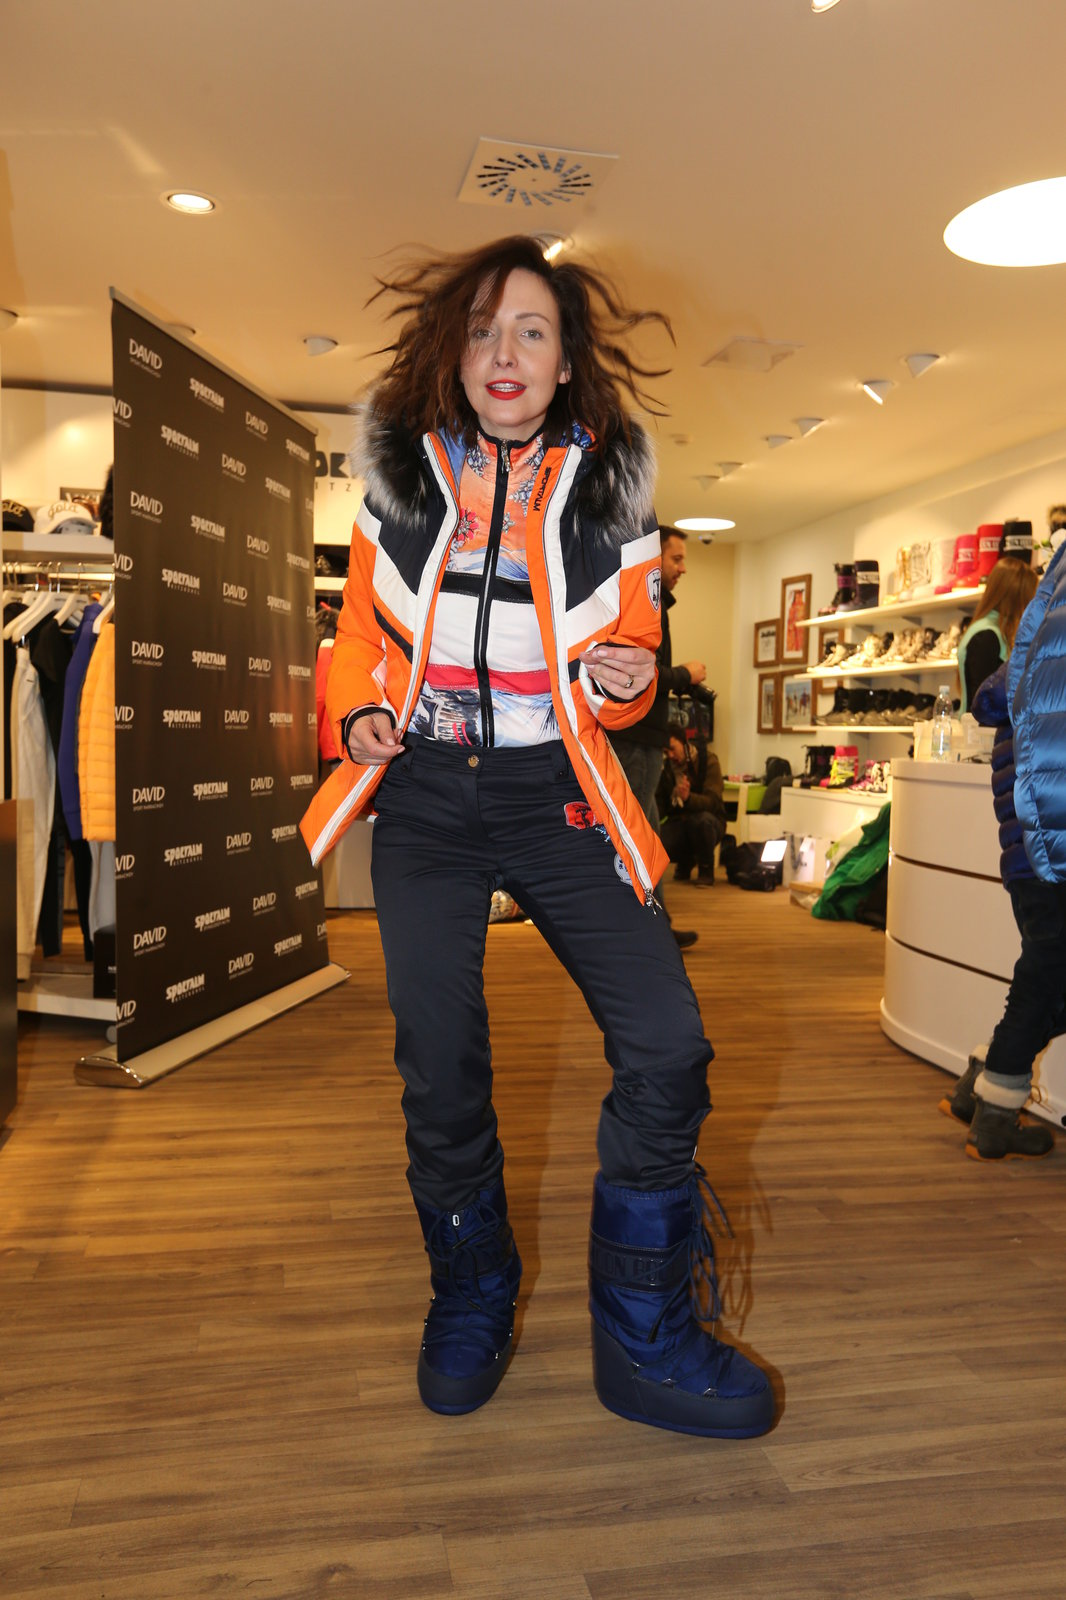 Herečka Veronika Arichteva v lyžařském oblečení.